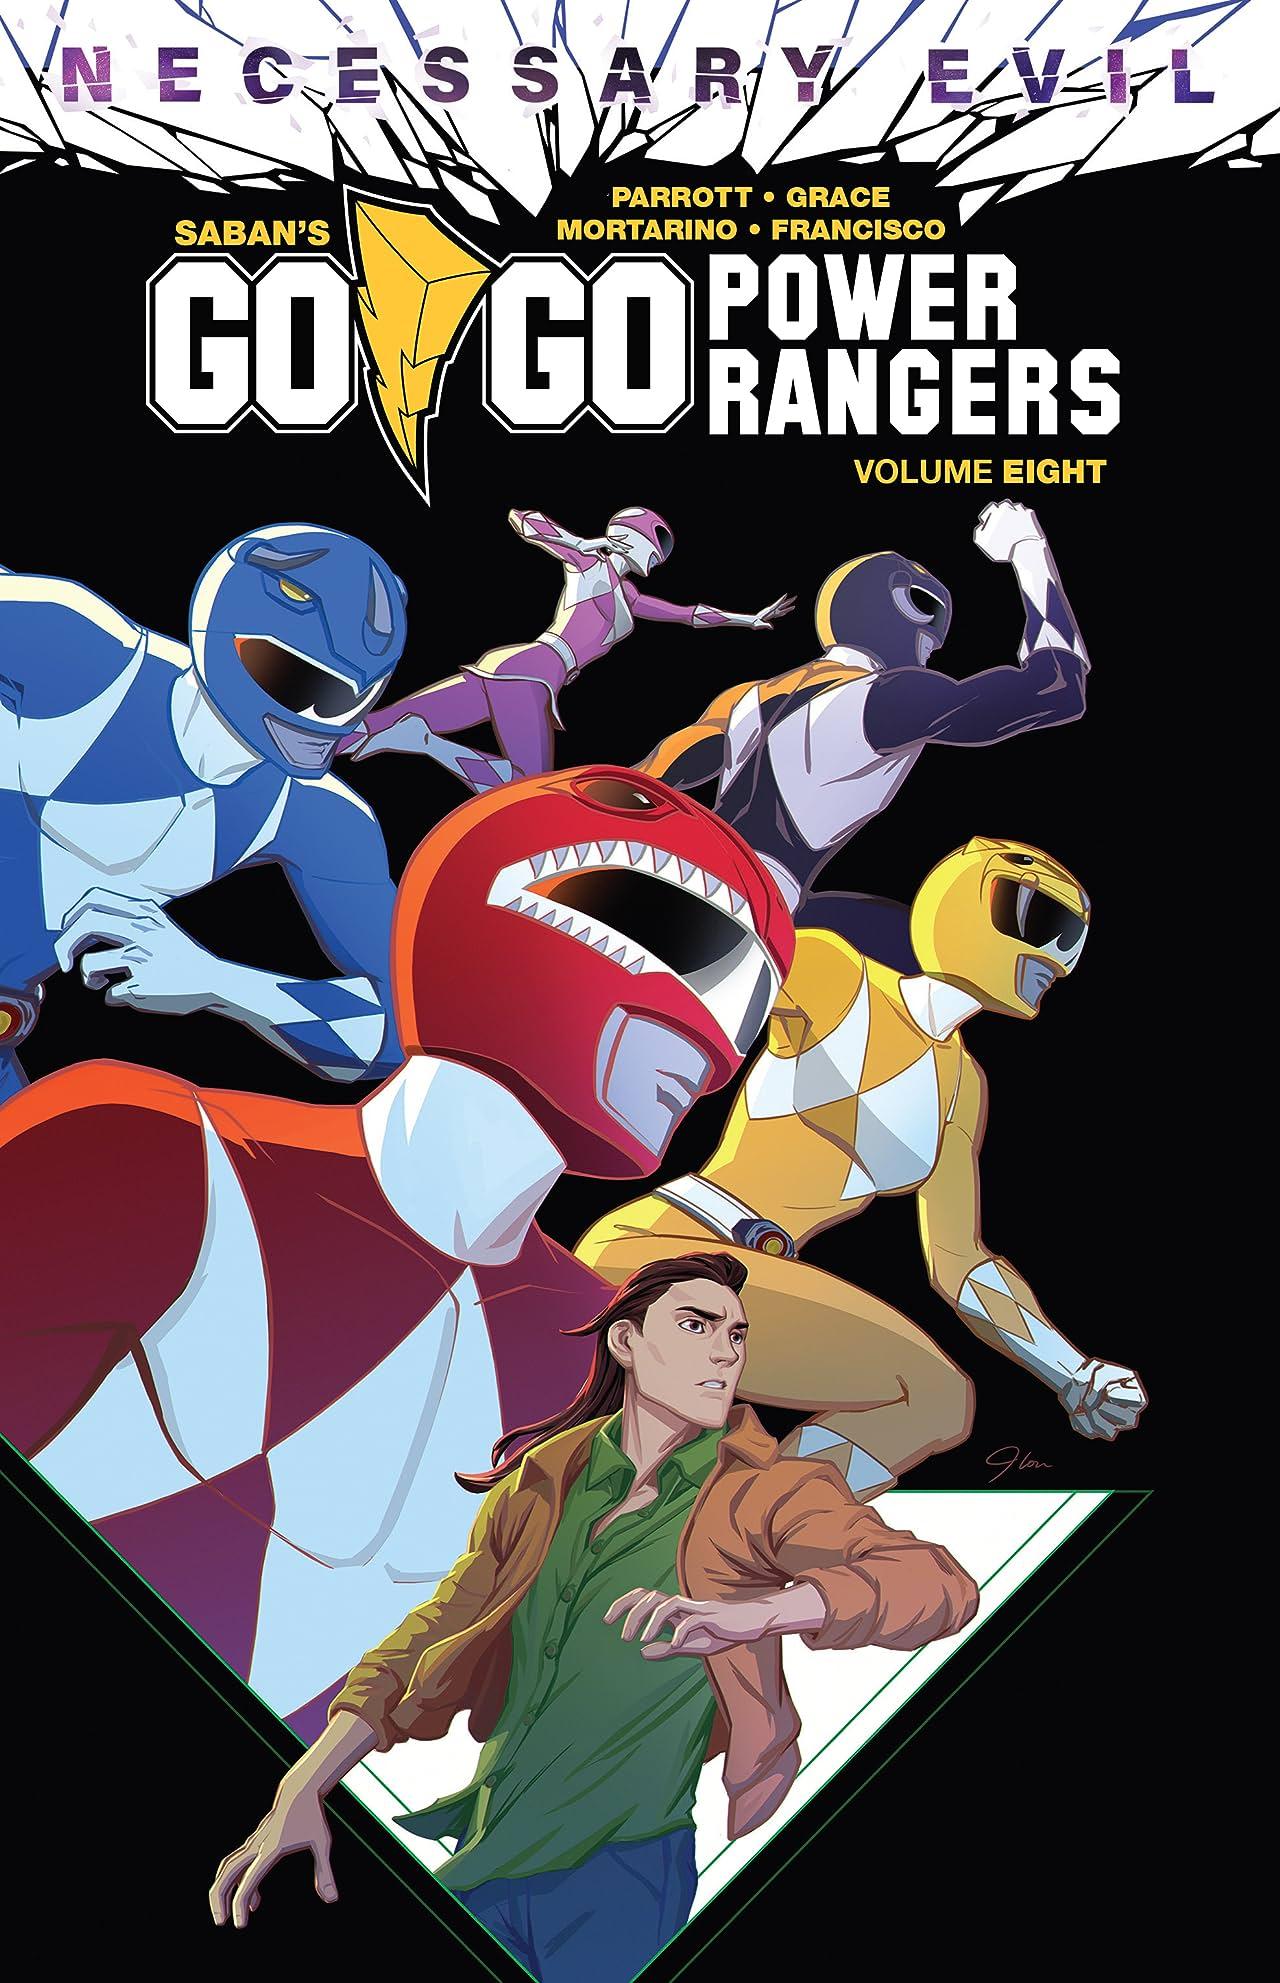 Saban's Go Go Power Rangers Tome 8